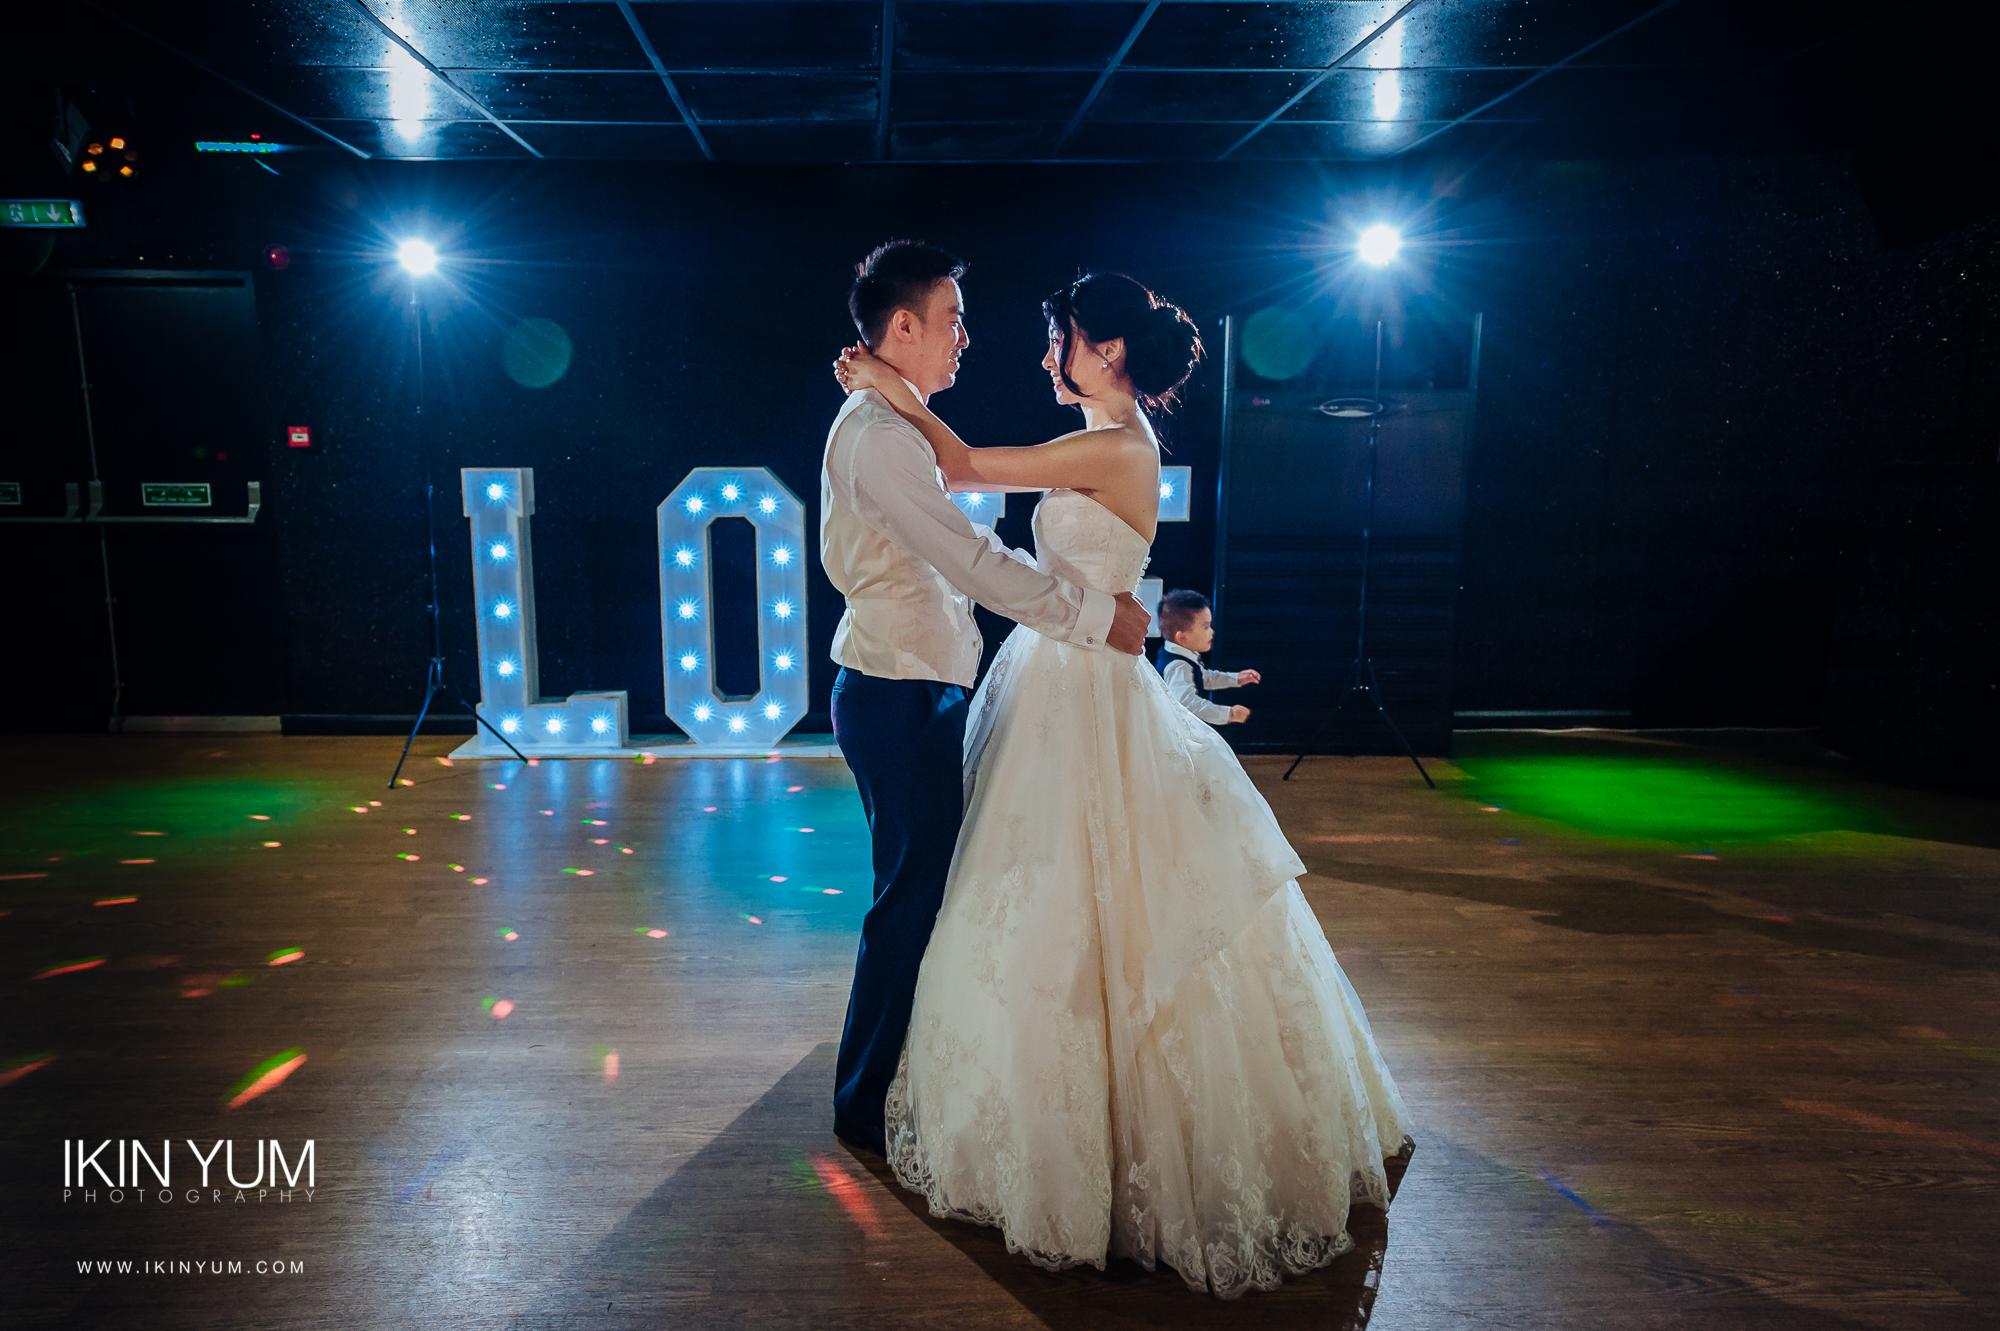 Sylvianne & Chun Wedding Day - Ikin Yum Photography-121.jpg